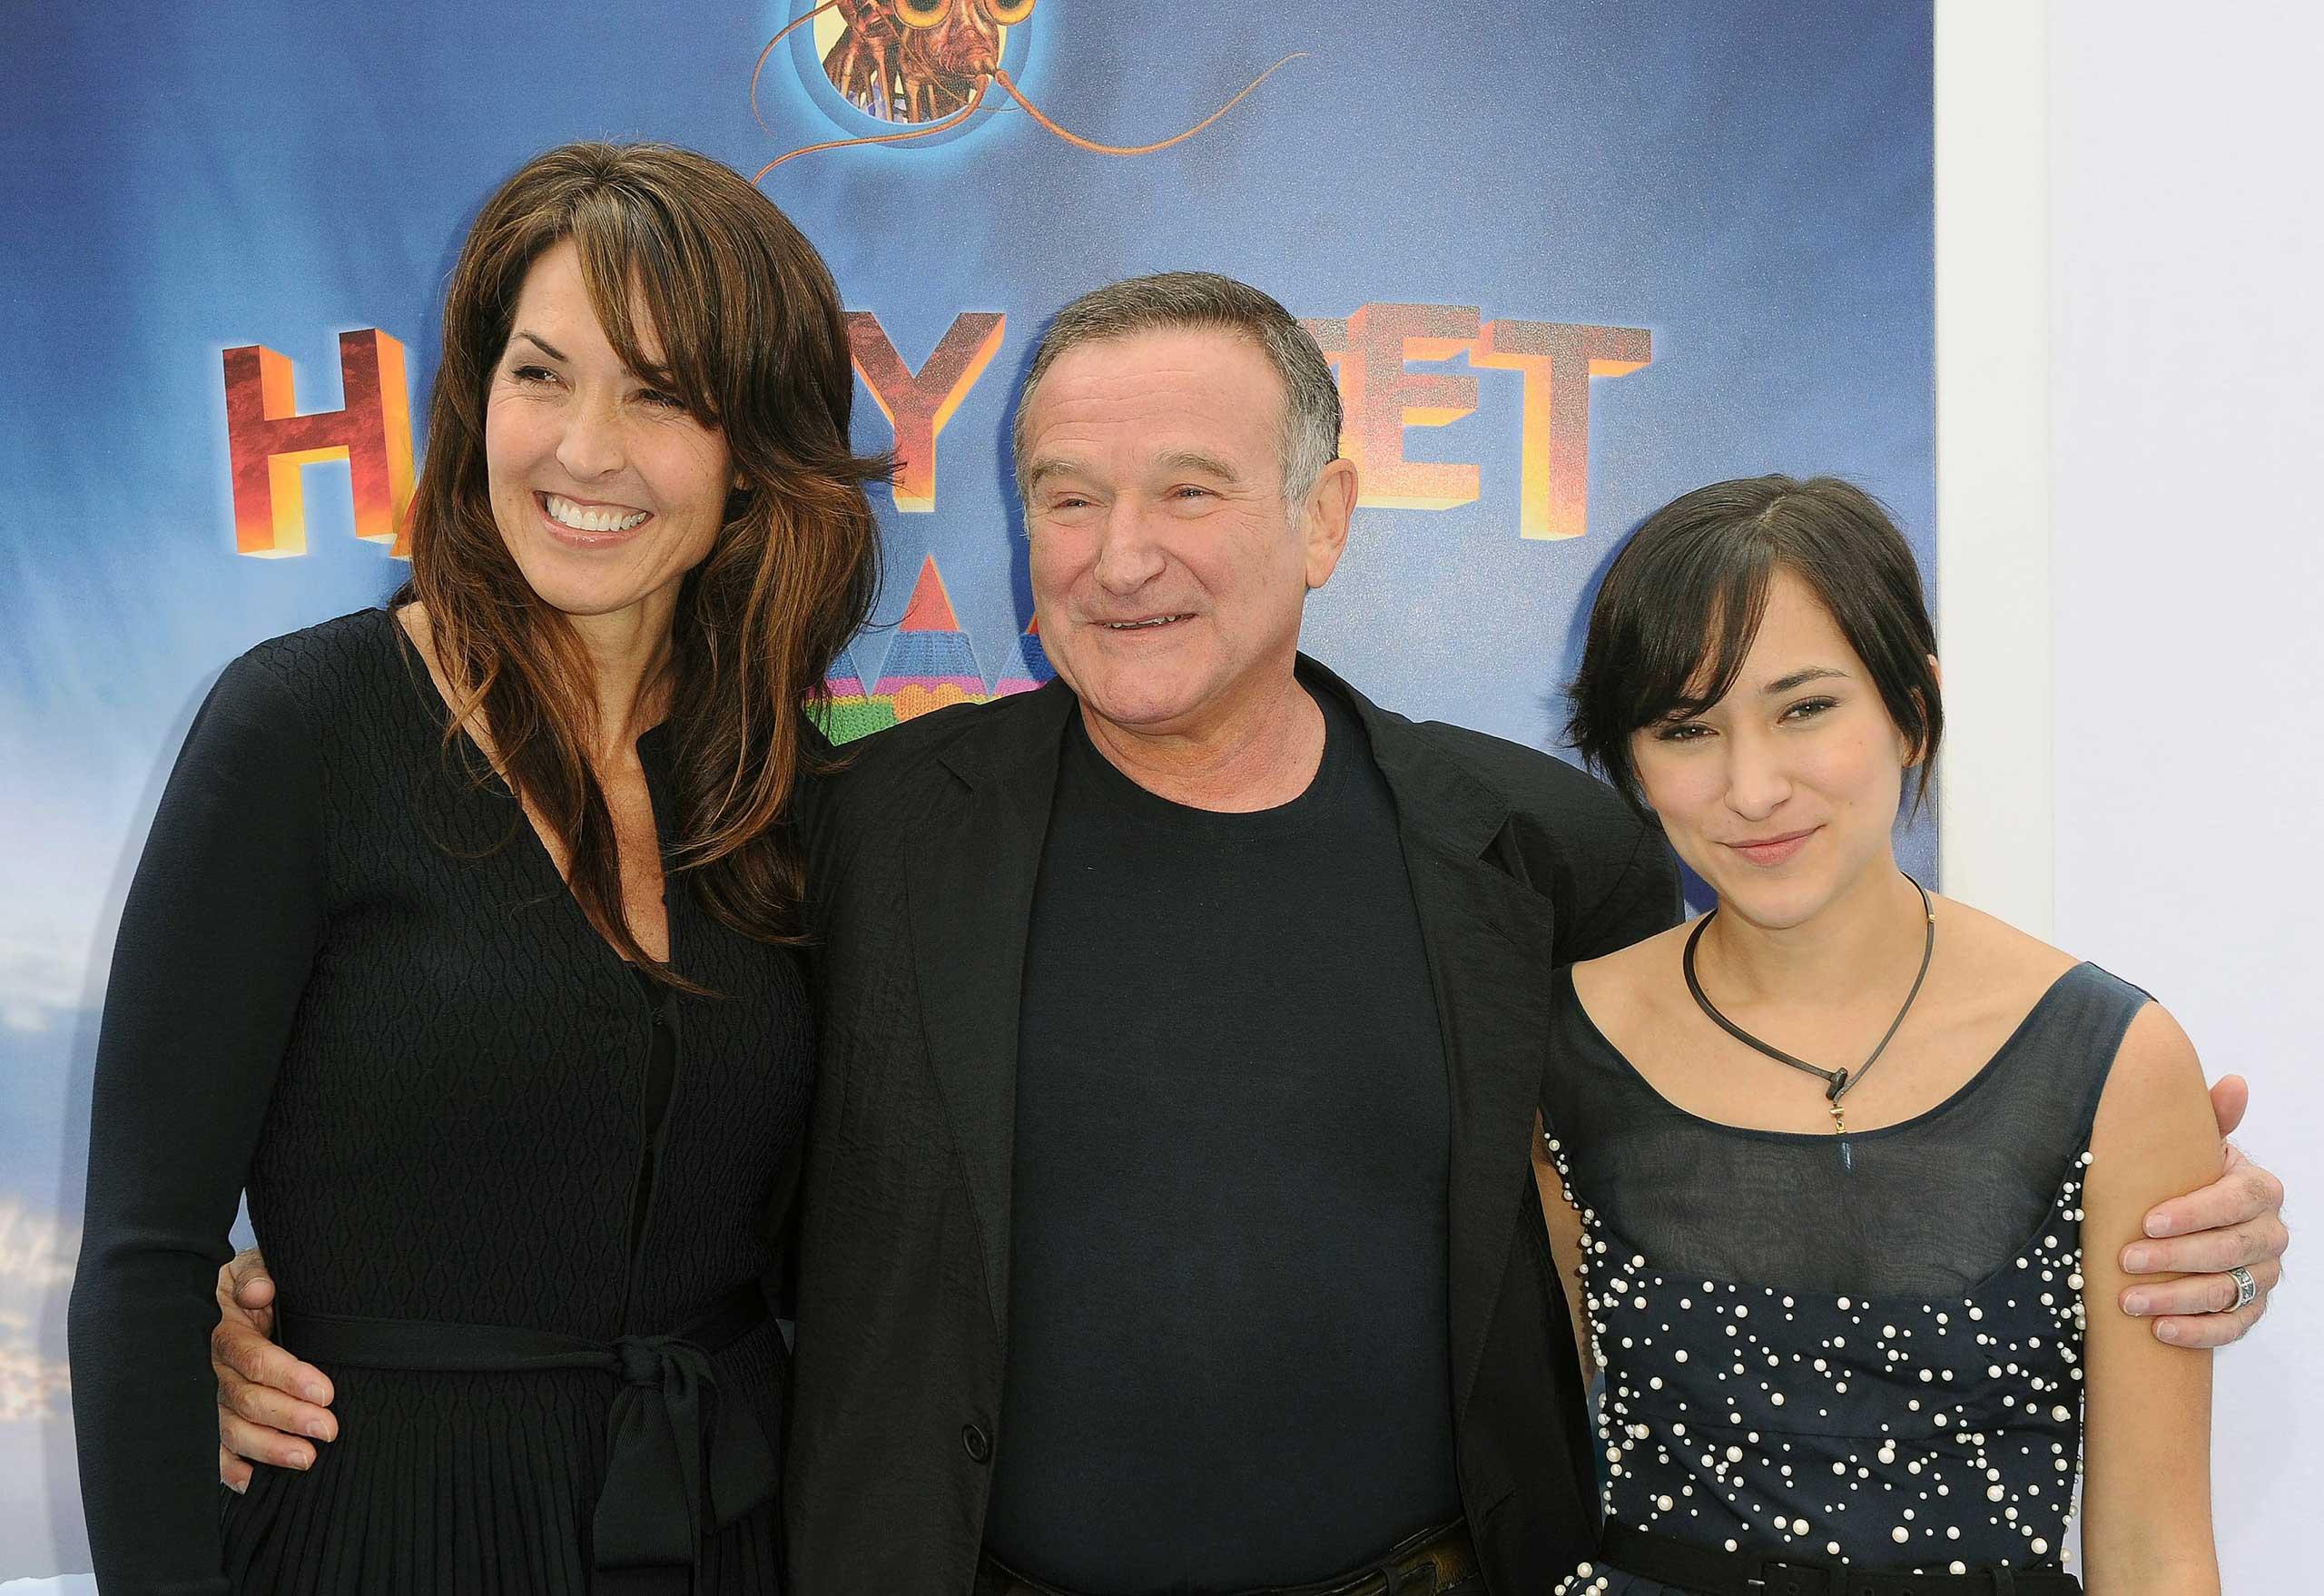 Susan Schneider, Robin Williams, and Zelda Williams in 2011.